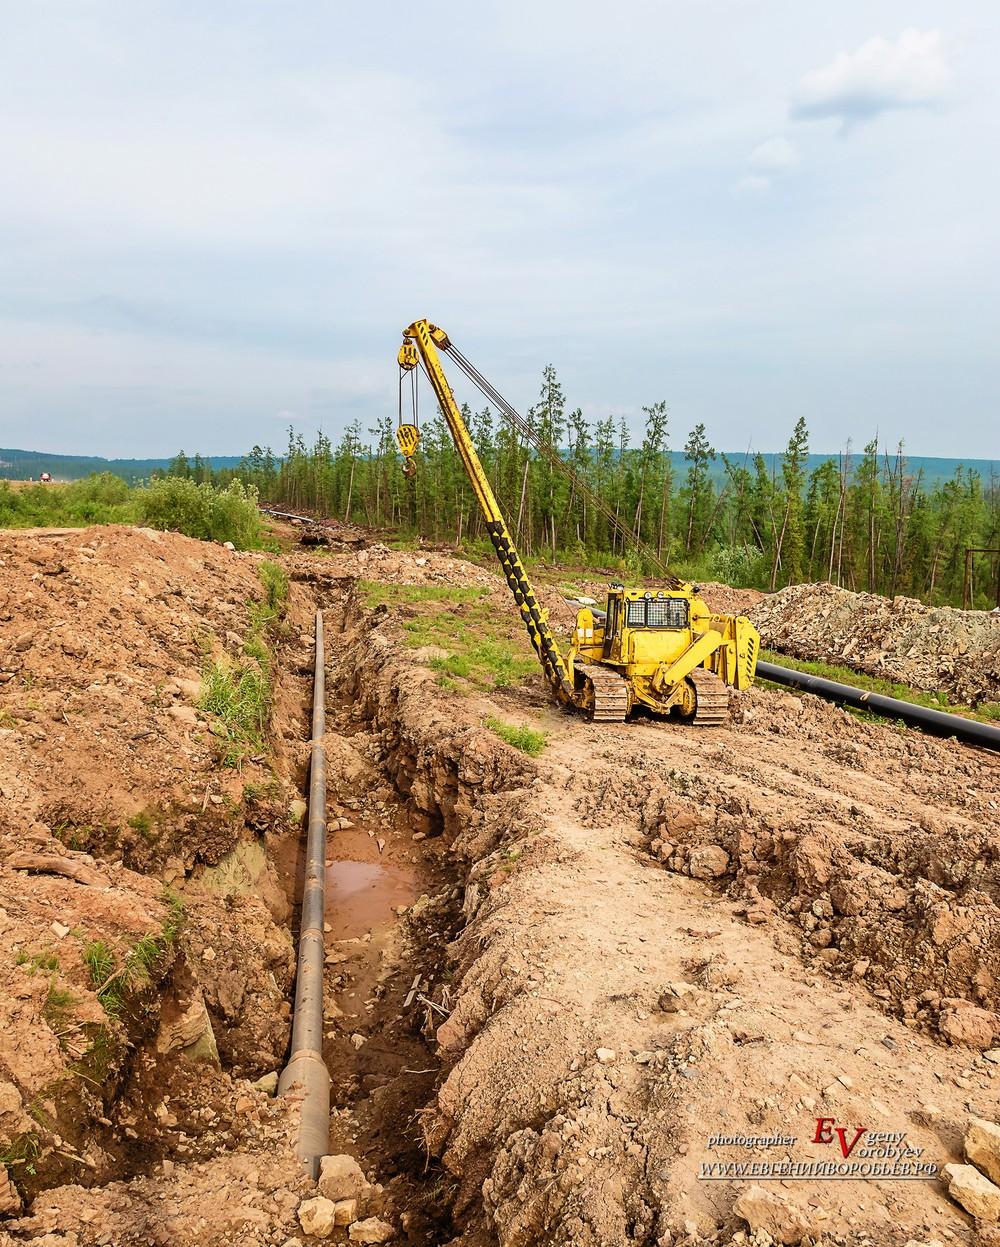 Роснефть нефть Сибирь нефтепровод промышленная фотосъемка Красноярск Ванкор